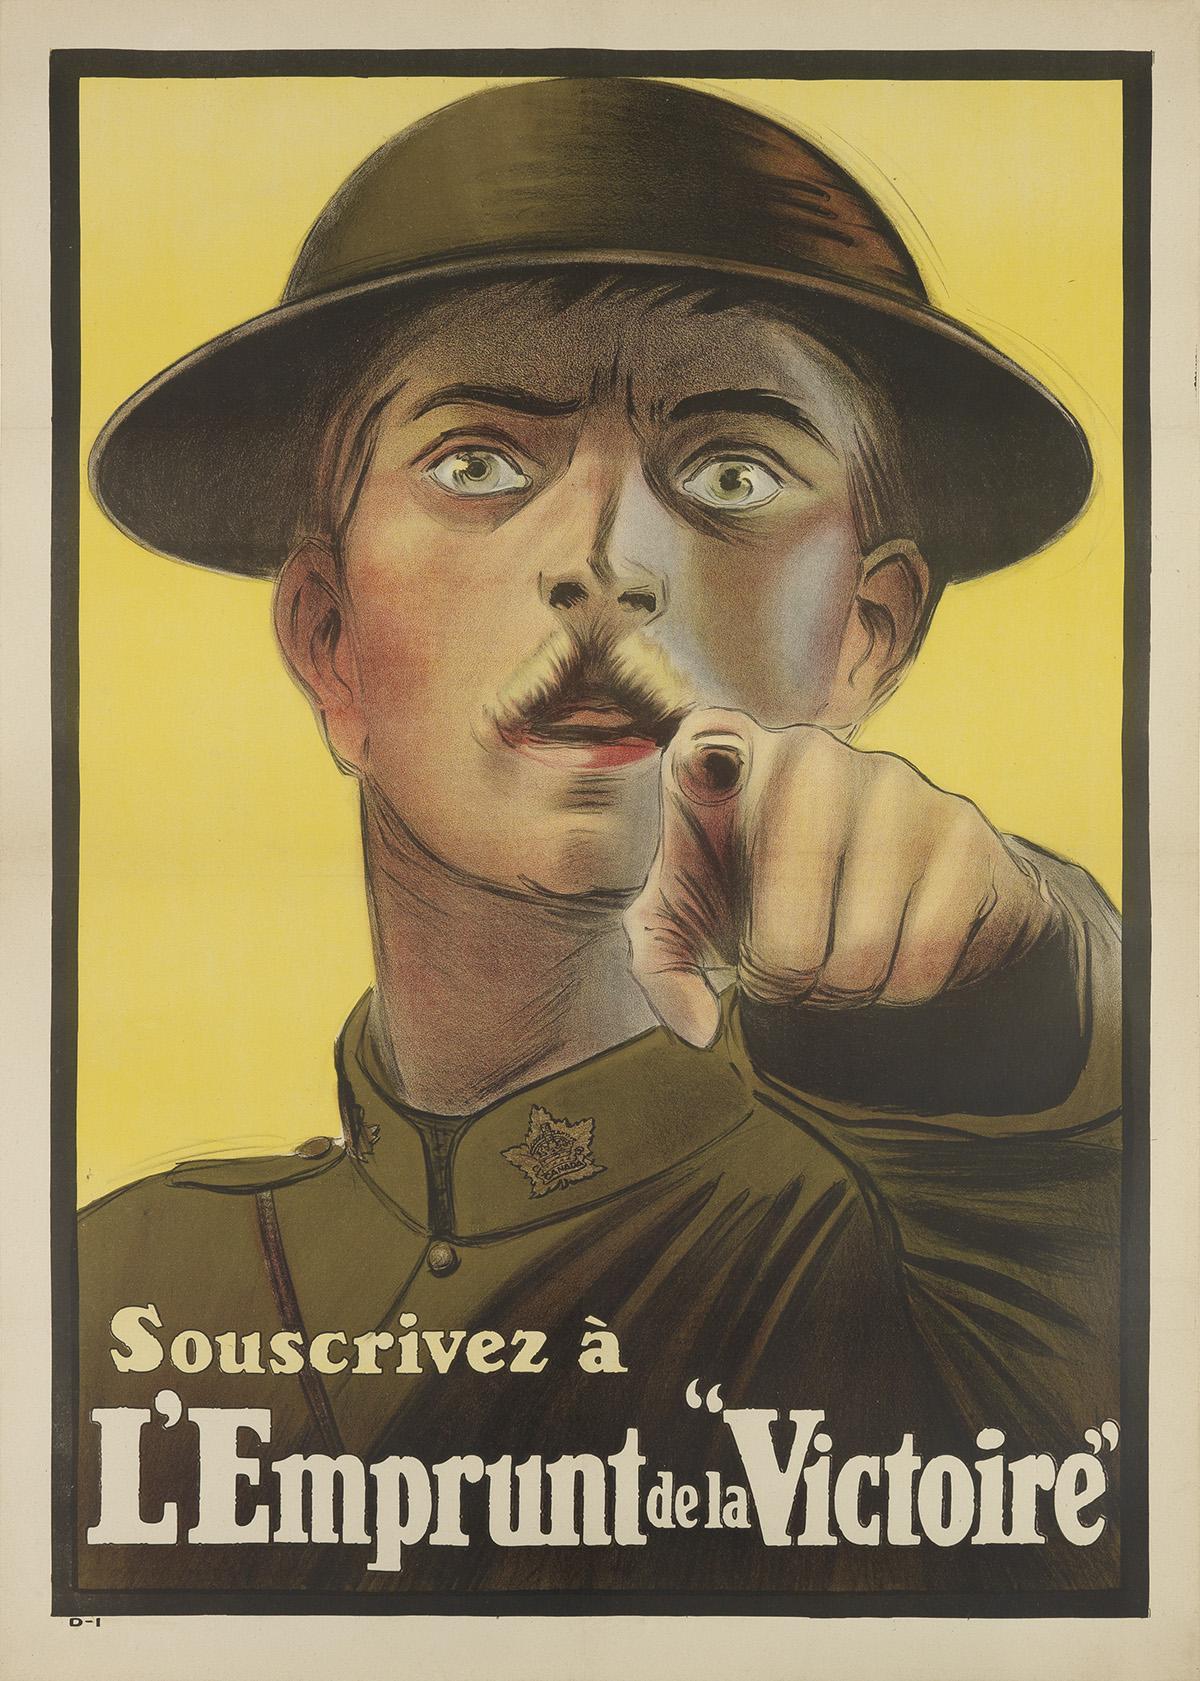 DESIGNER UNKNOWN. SOUSCRIVEZ À LEMPRUNT DE LA VICTOIRE. 1917. 55x39 inches, 140x100 cm.